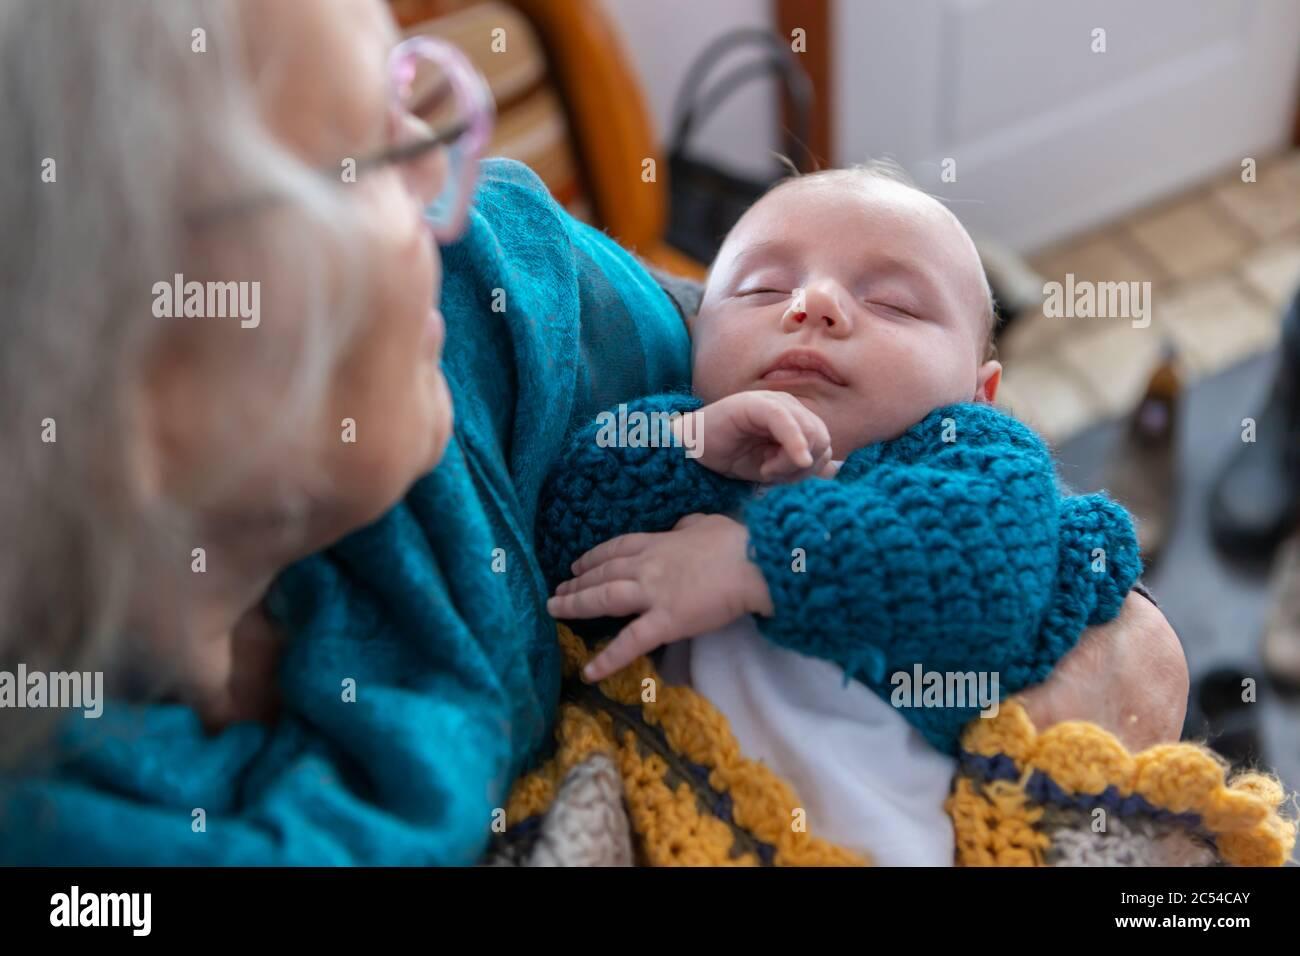 Cliché sélectif de petit garçon dormant dans les bras de sa grand-mère. Hors foyer, dans le coin supérieur gauche, les fiers yeux des aînés sur l'enfant Banque D'Images